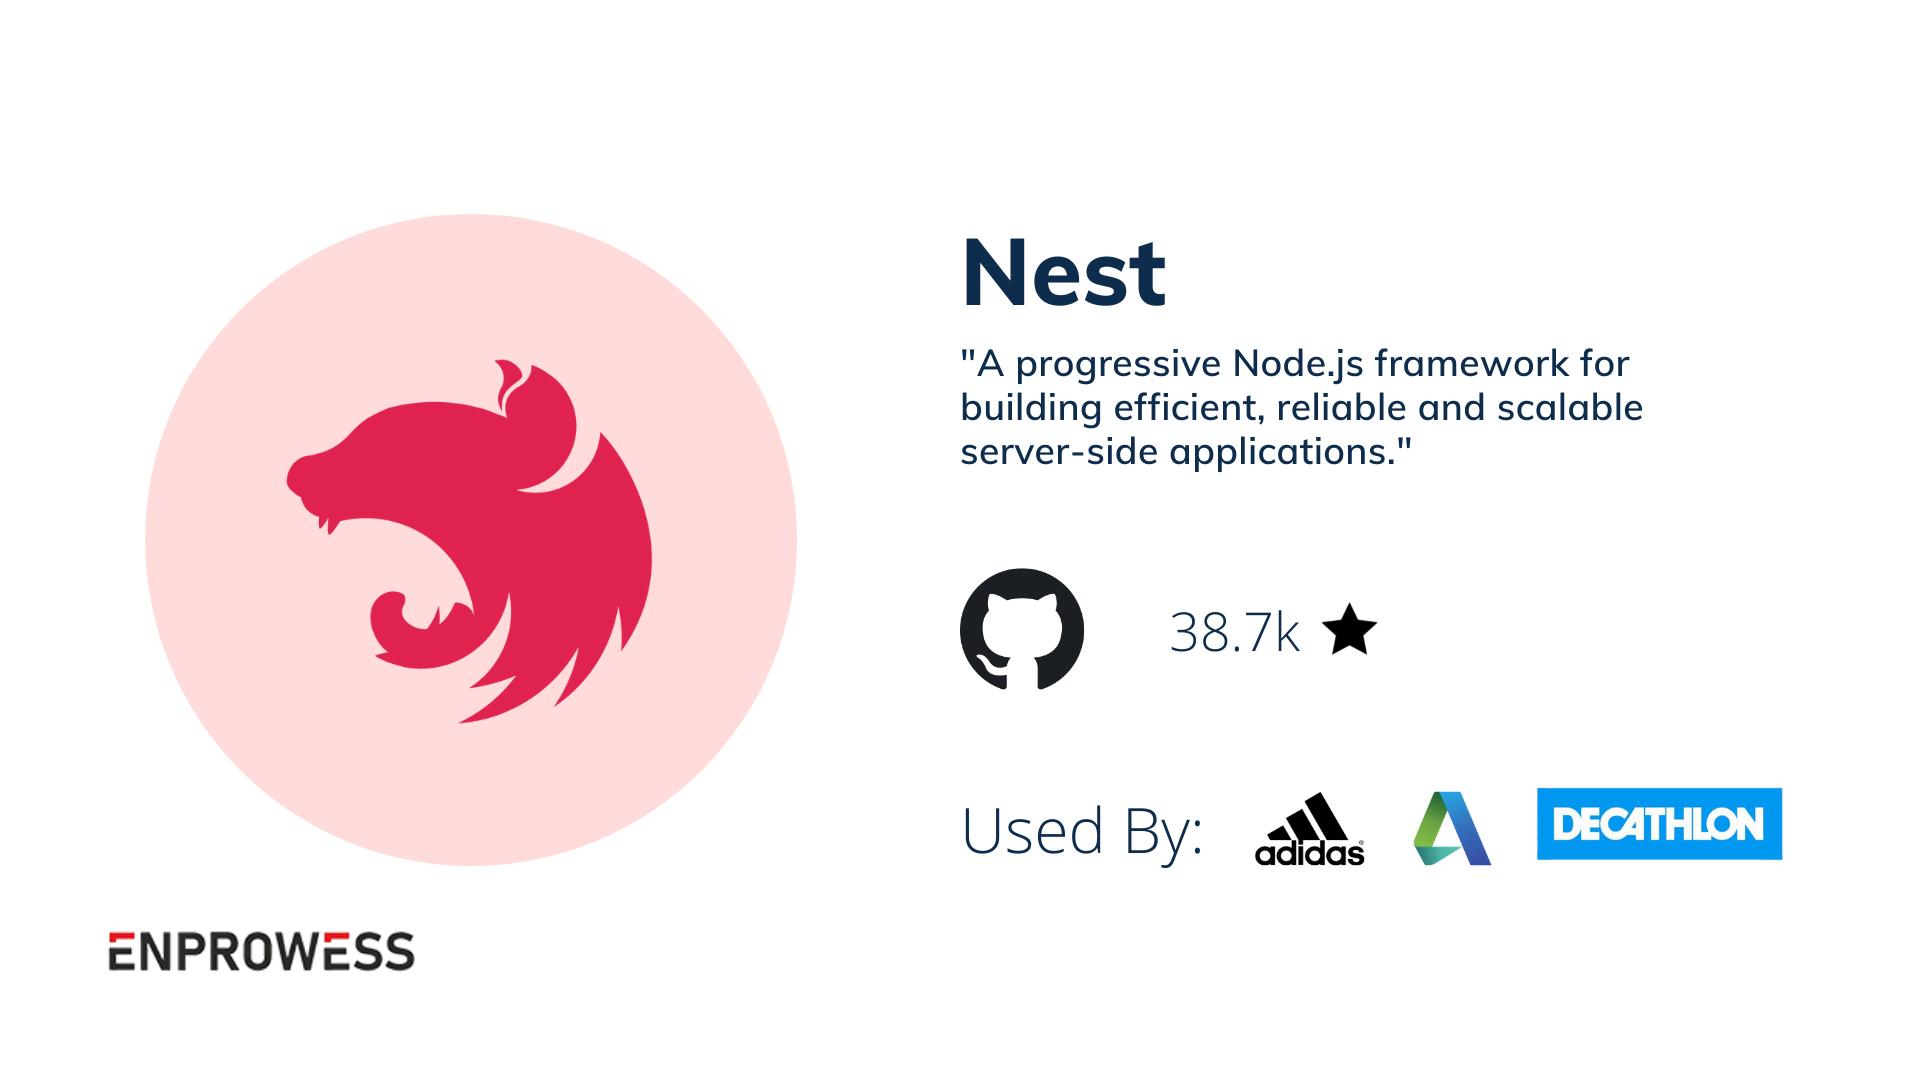 Nestjs details